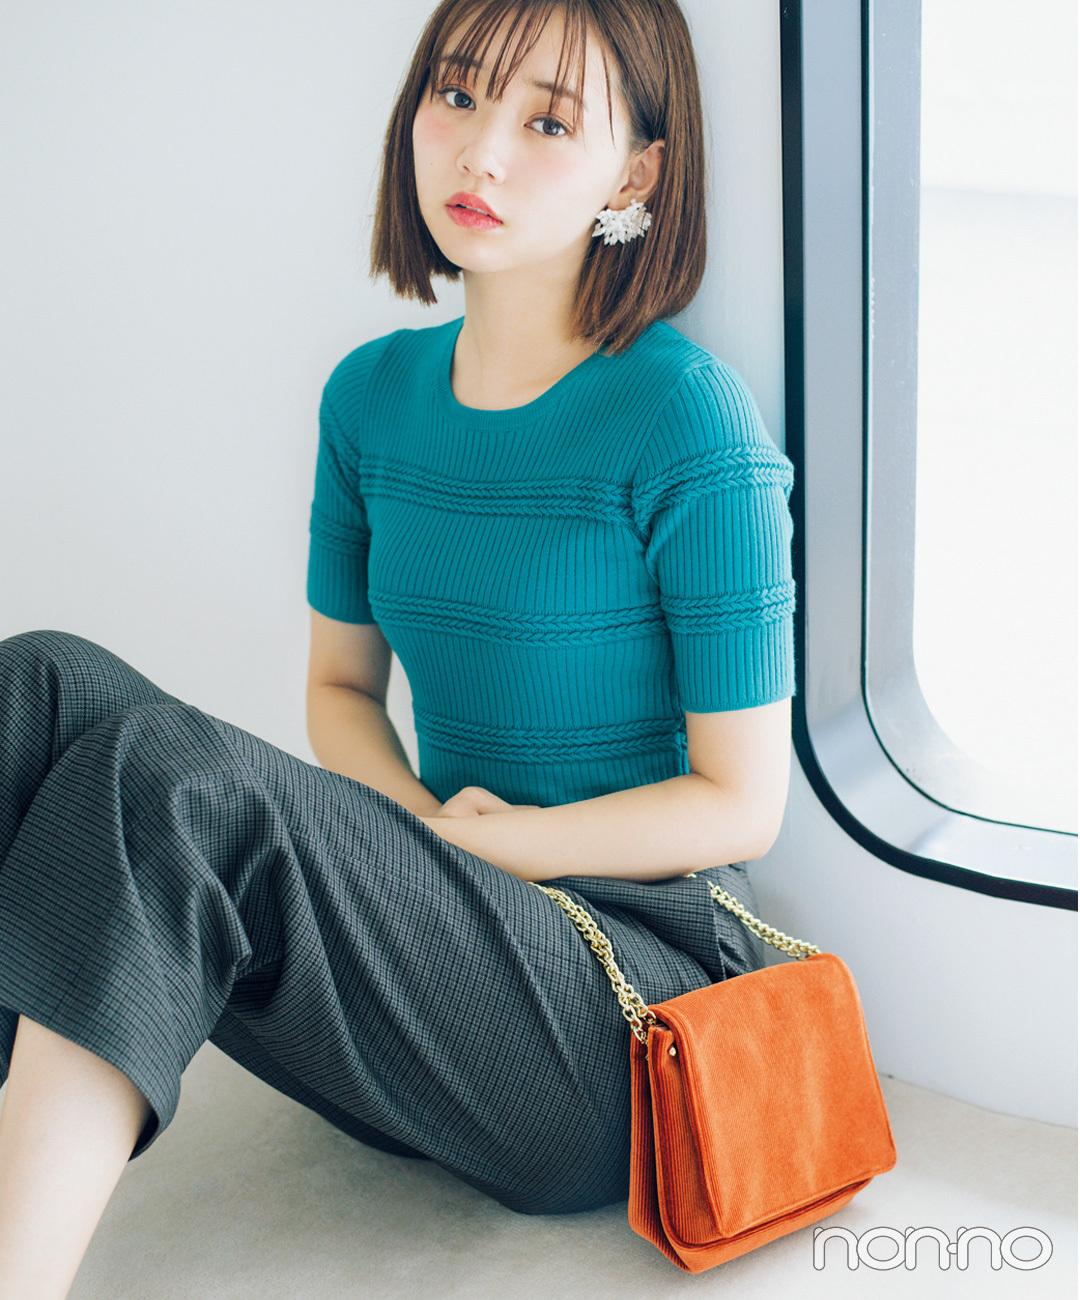 【チェックコーデ】江野沢愛美は、チェックパンツをターコイズのトップスで女子力UP